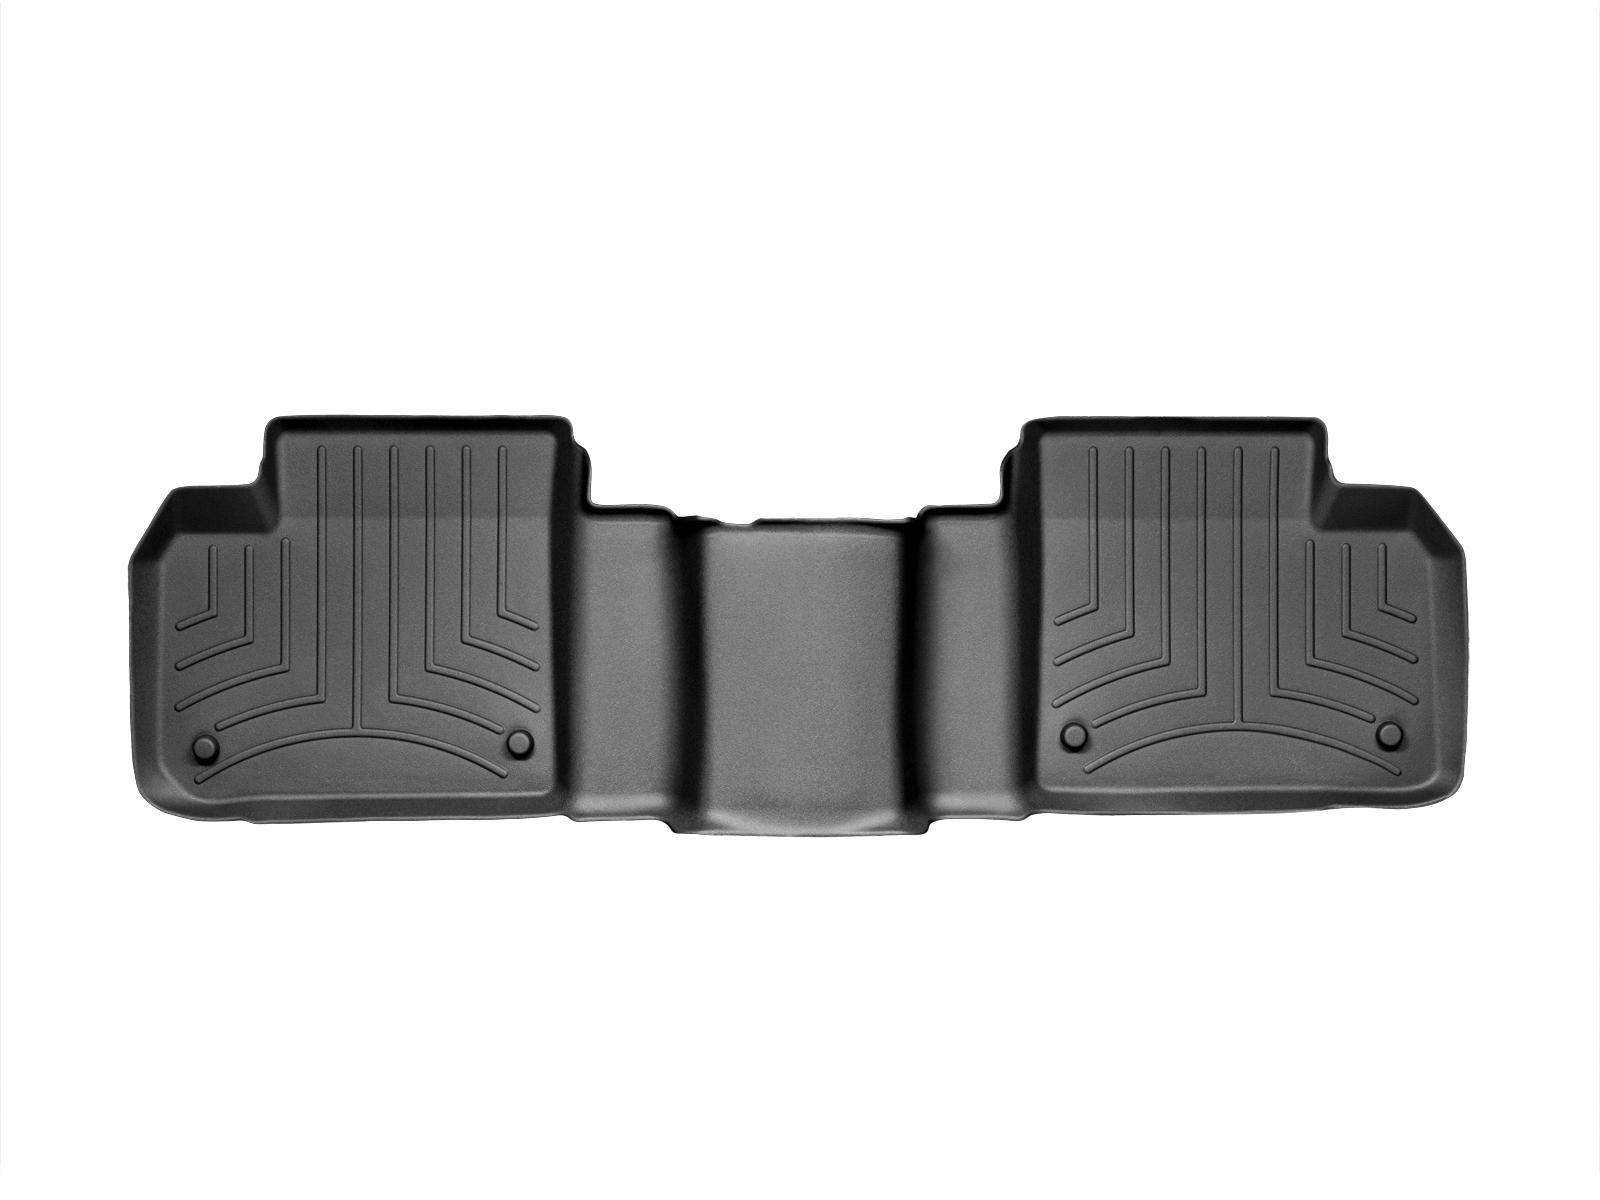 Tappeti gomma su misura bordo alto Mercedes GLS-Class 15>17 Nero A2517